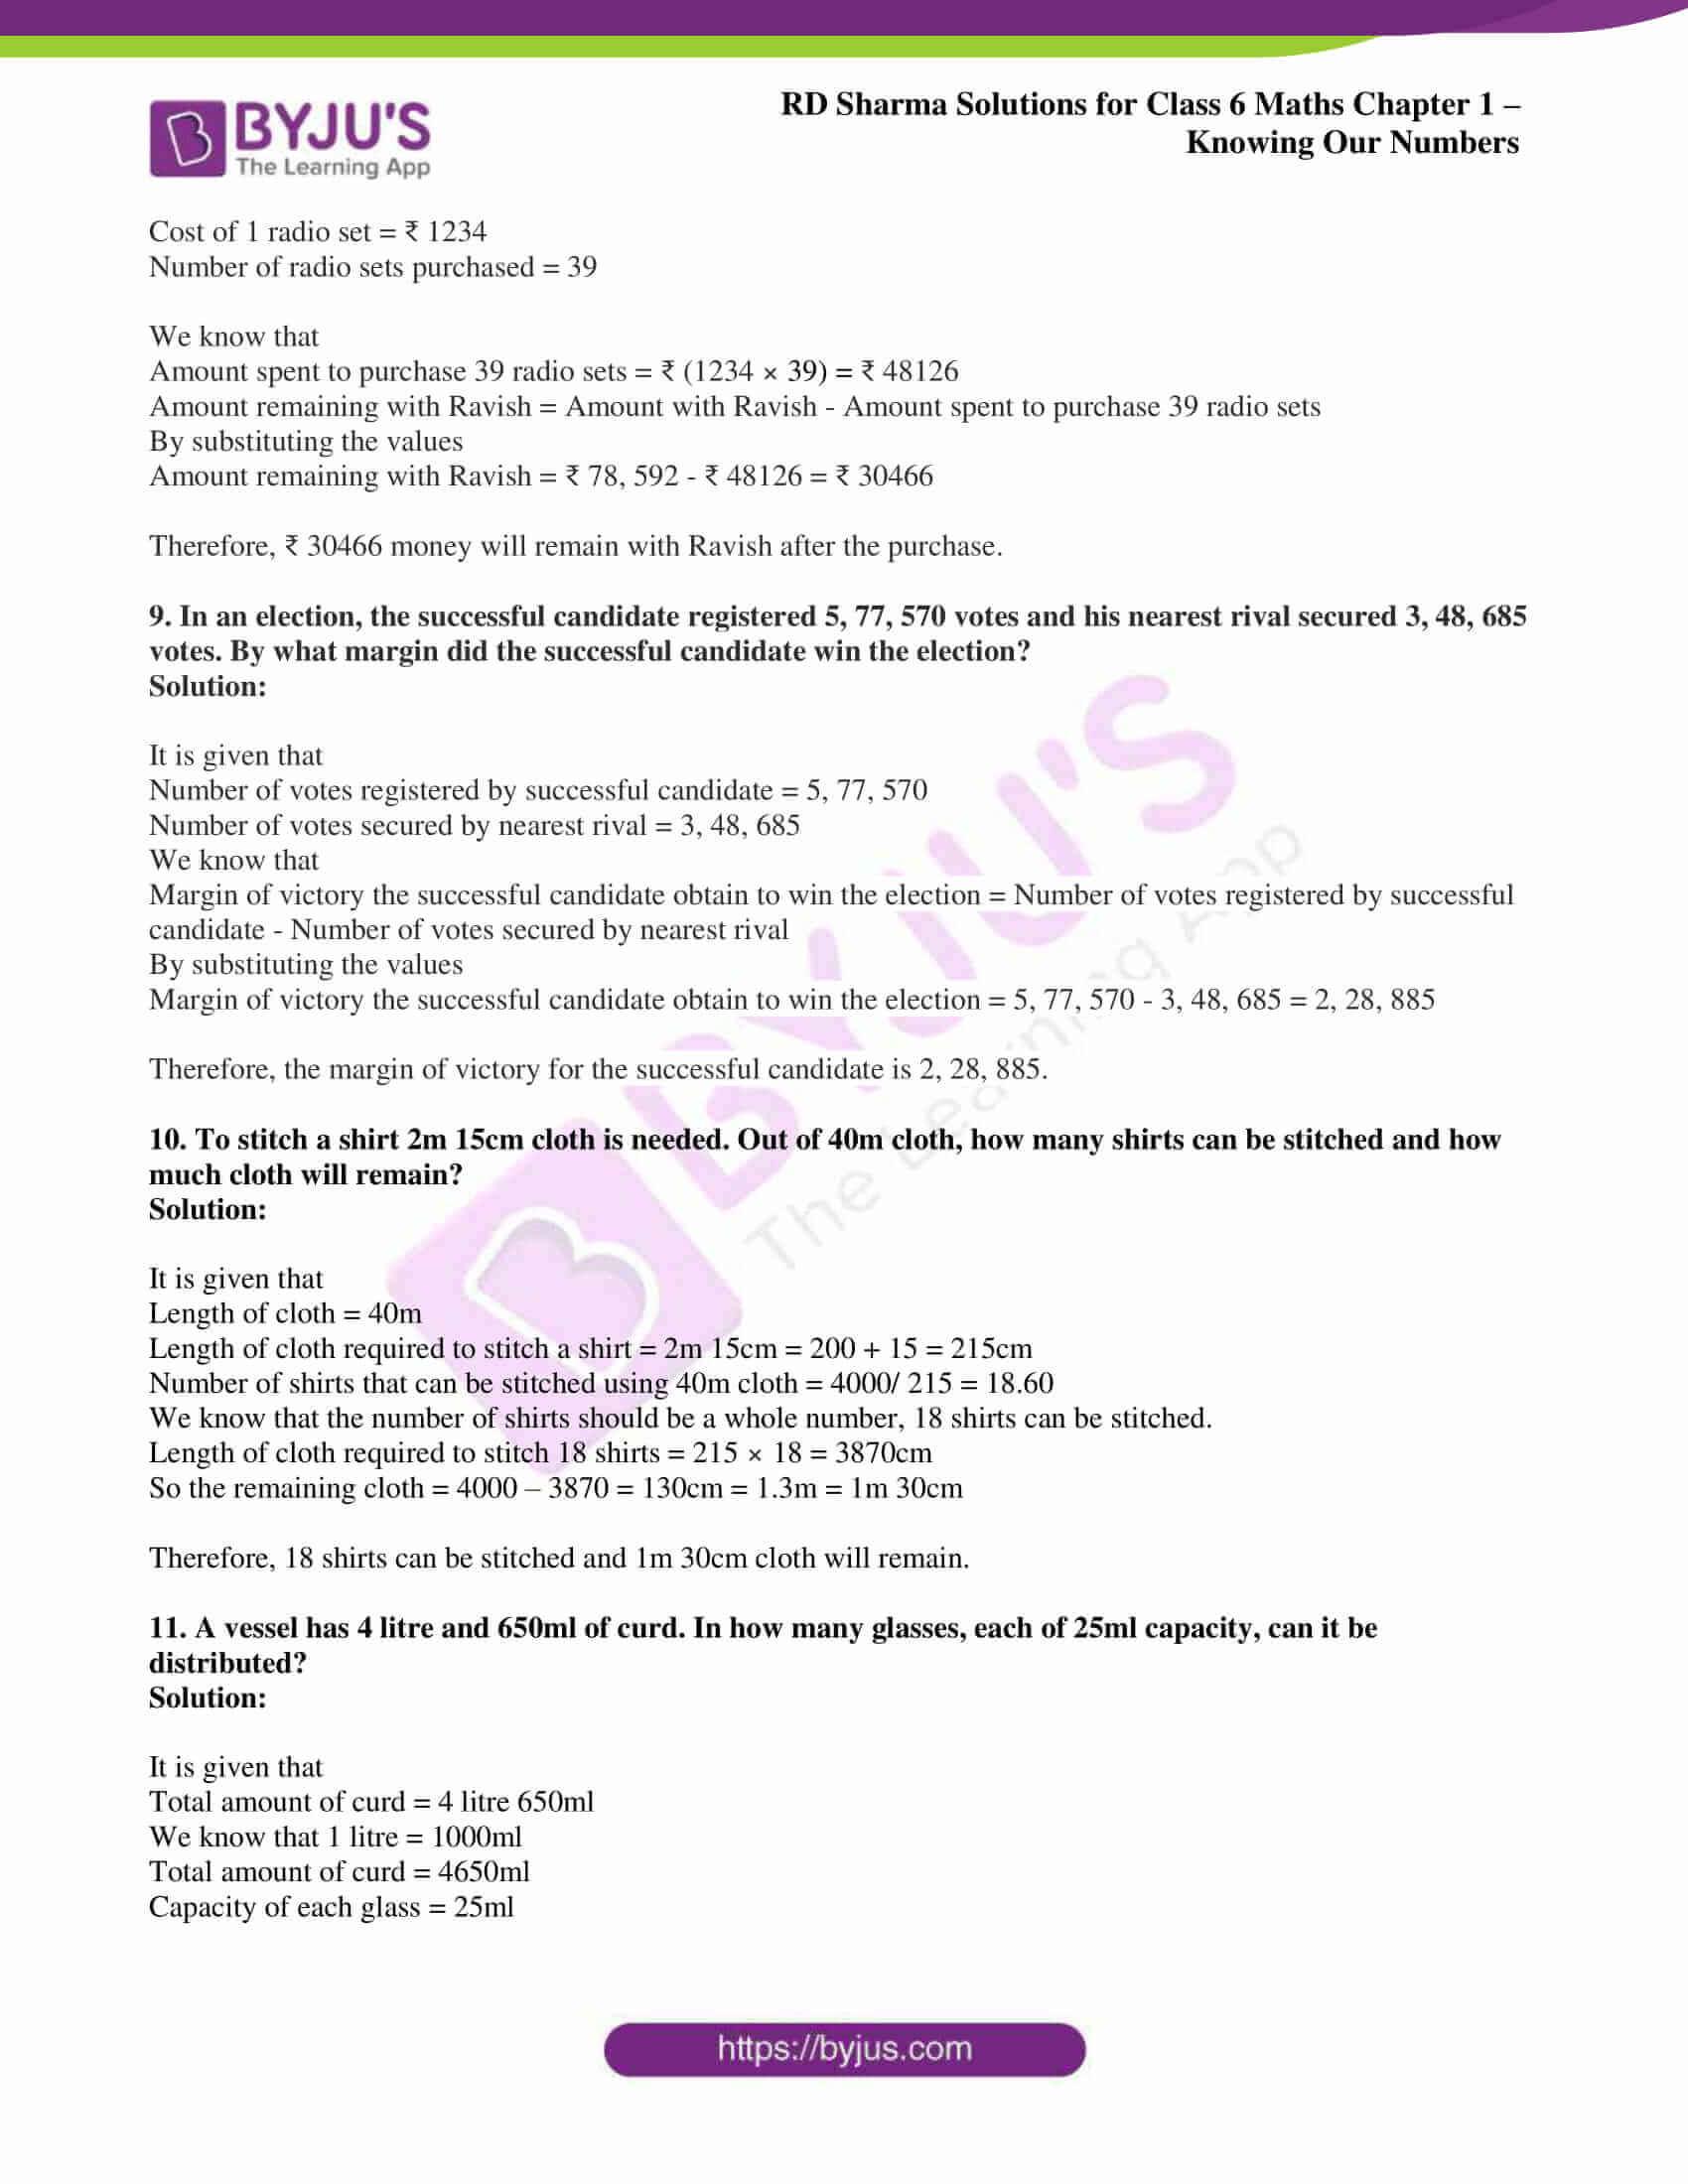 rd sharma class 6 maths solutions chapter 1 ex 5 3